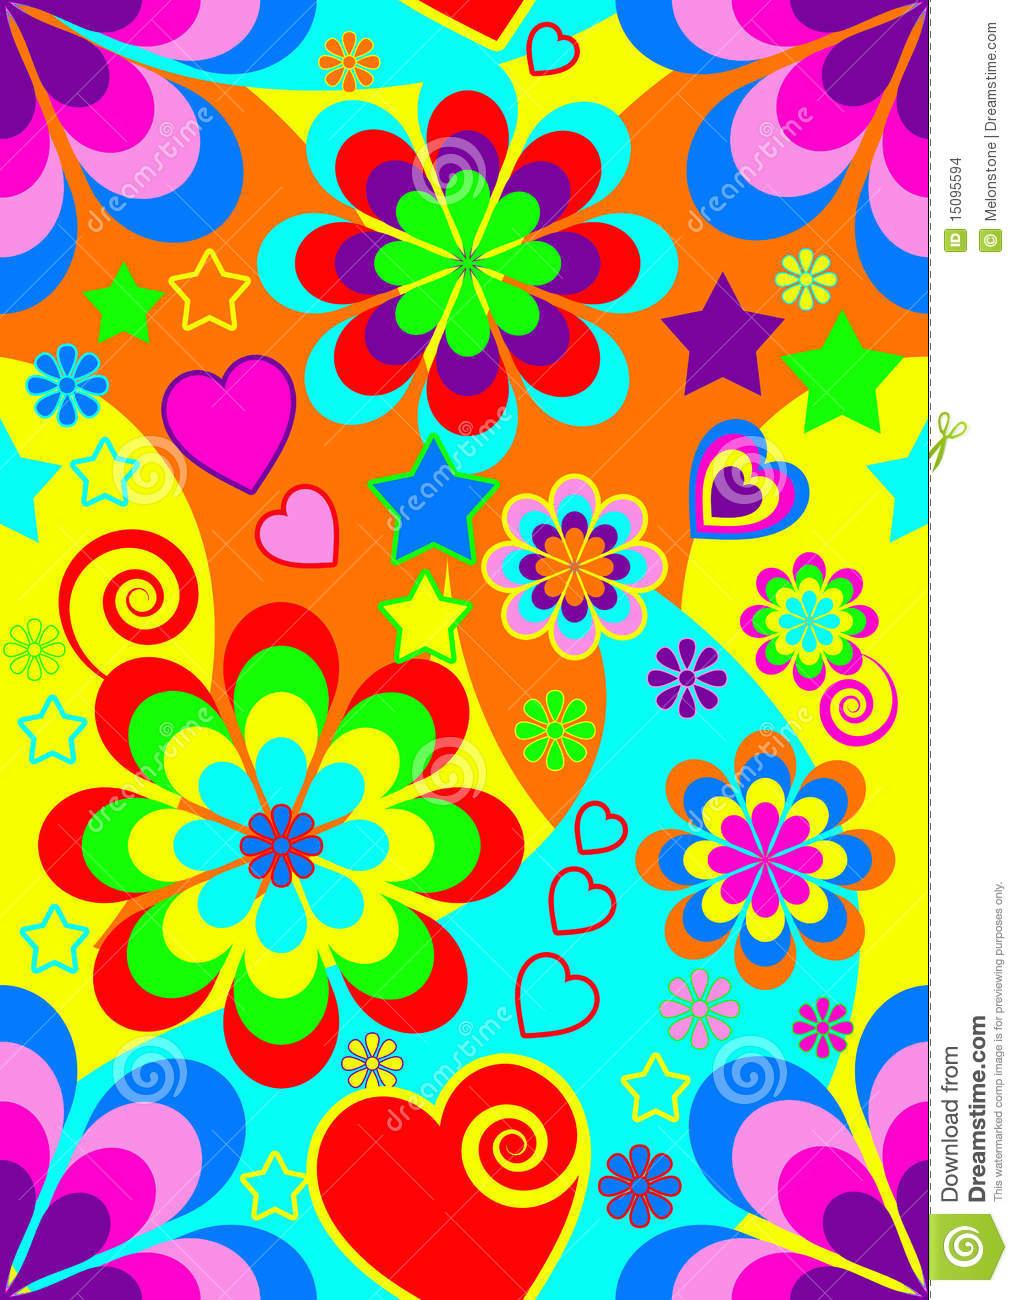 43+ 60S Wallpaper on WallpaperSafari